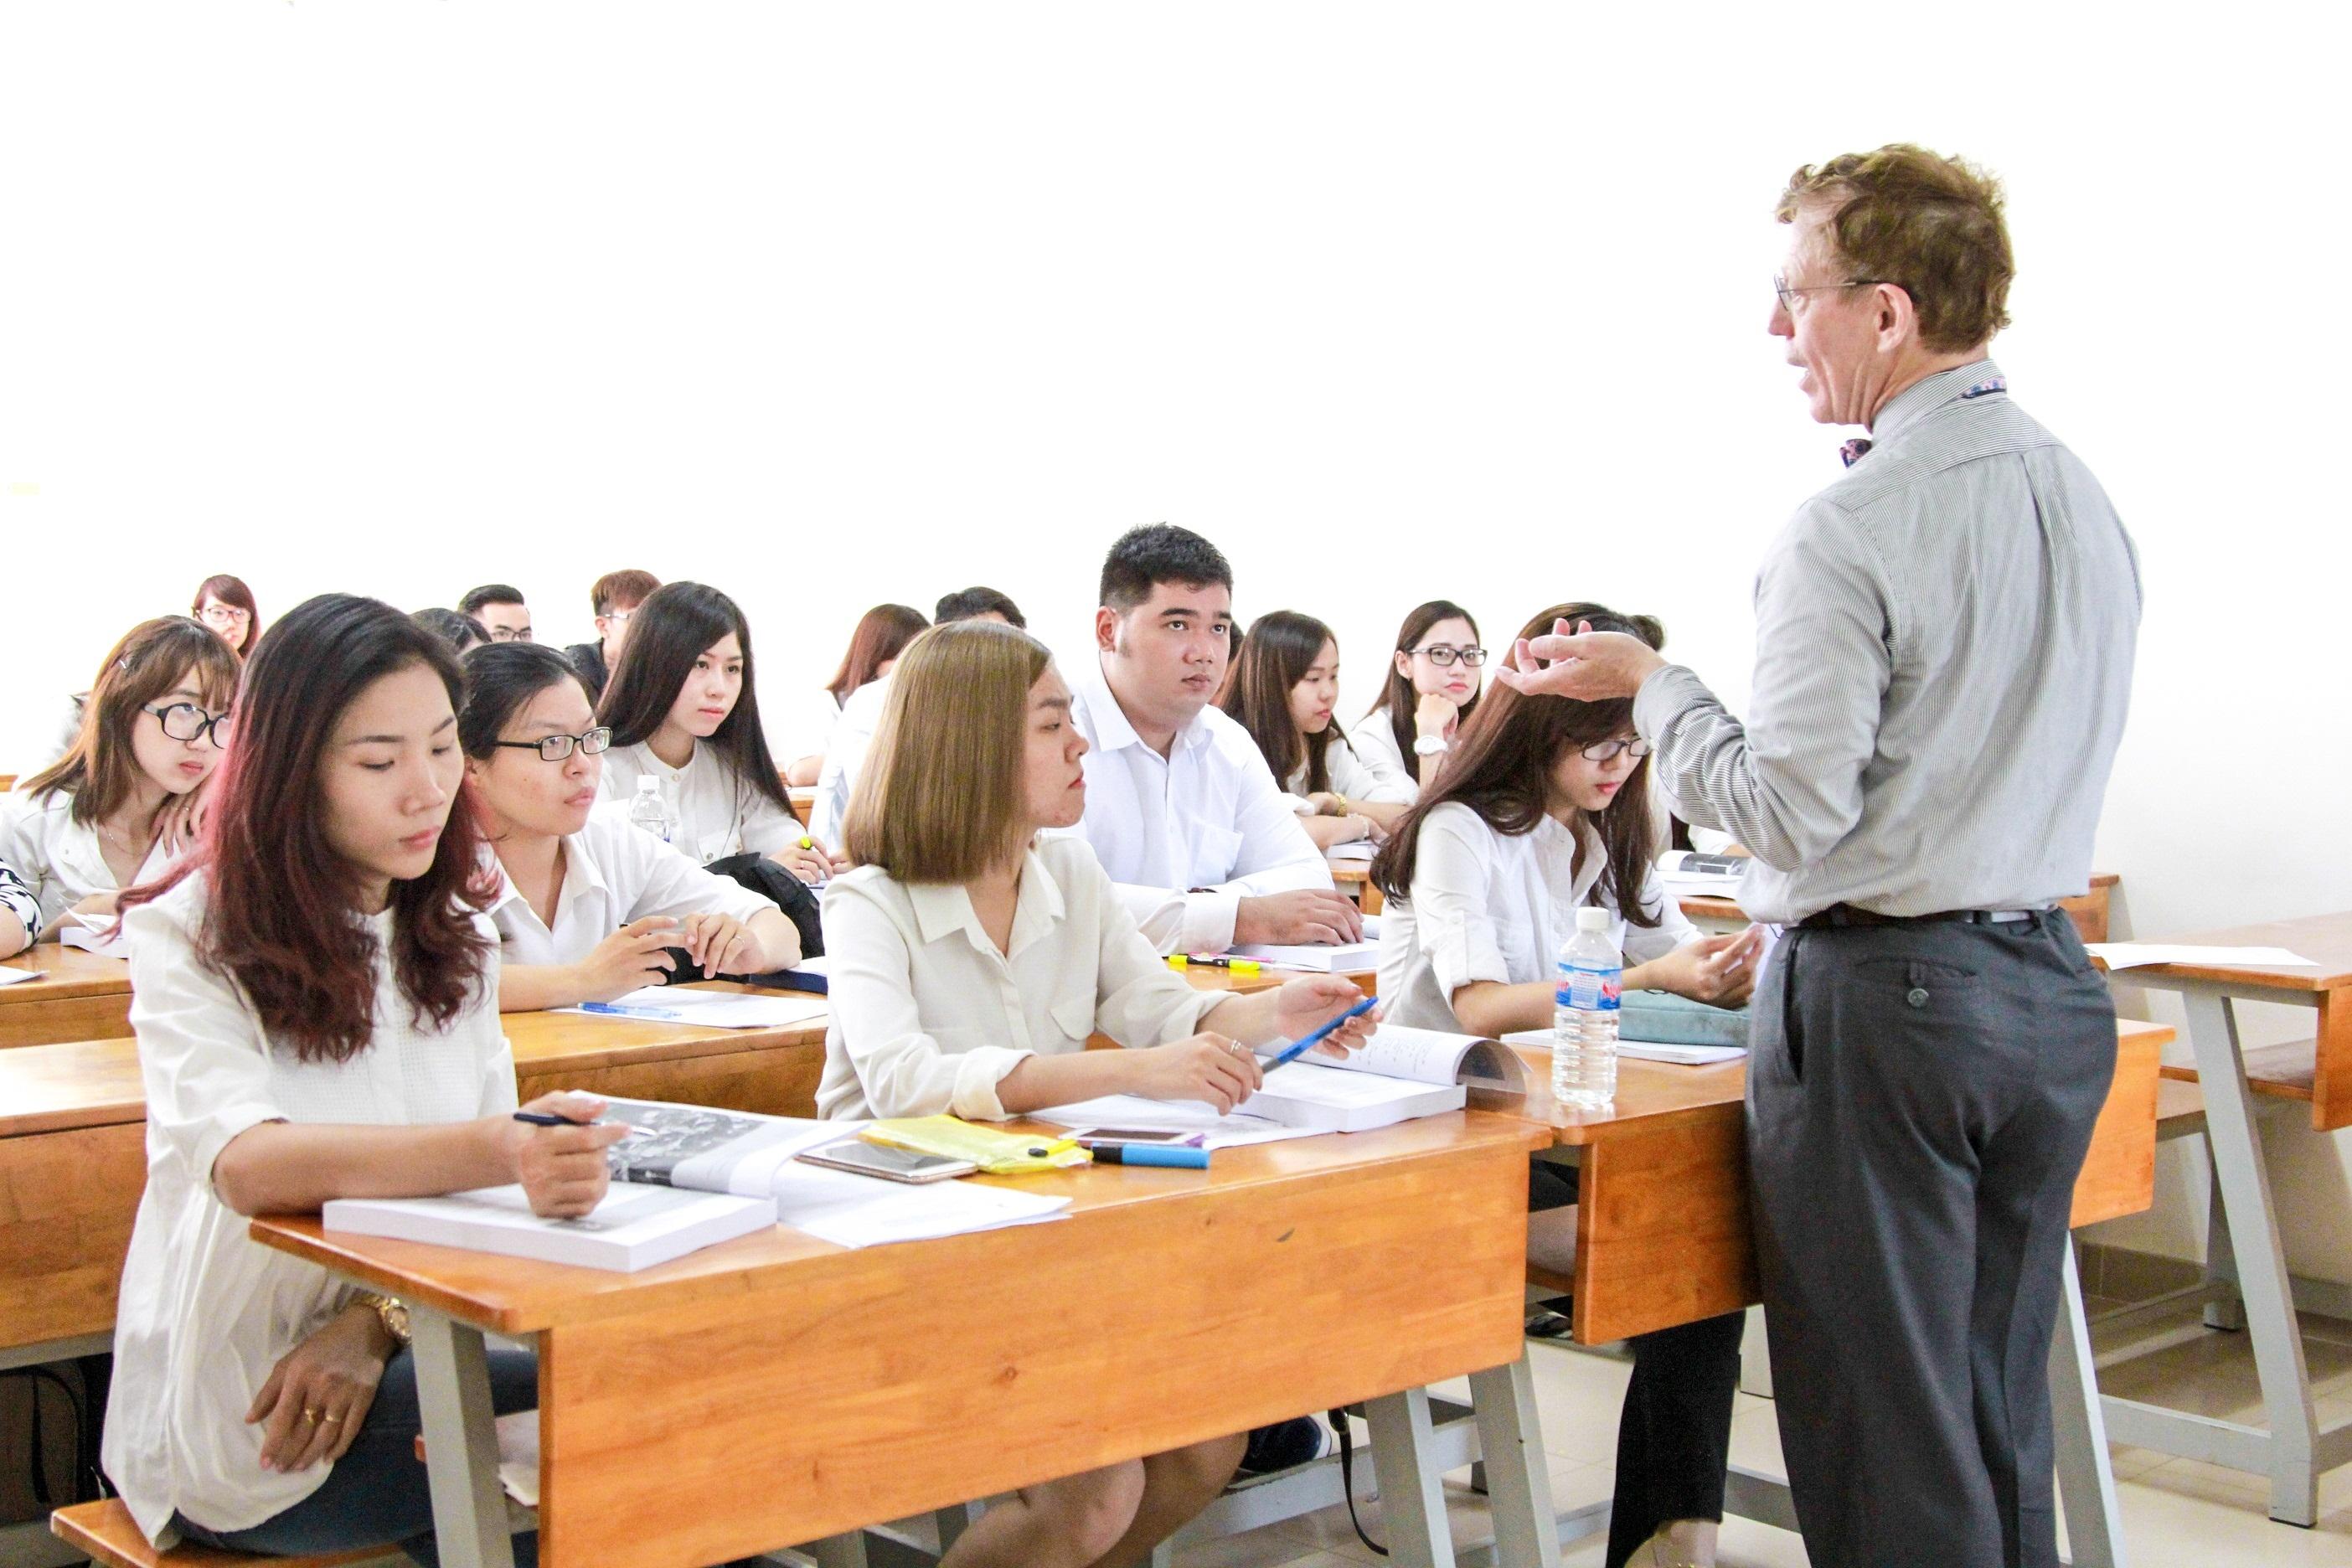 Đội ngũ giảng viên là các giáo sư Hoa Kỳ hàng đầu trong lĩnh vực Quản trị kinh doanh.